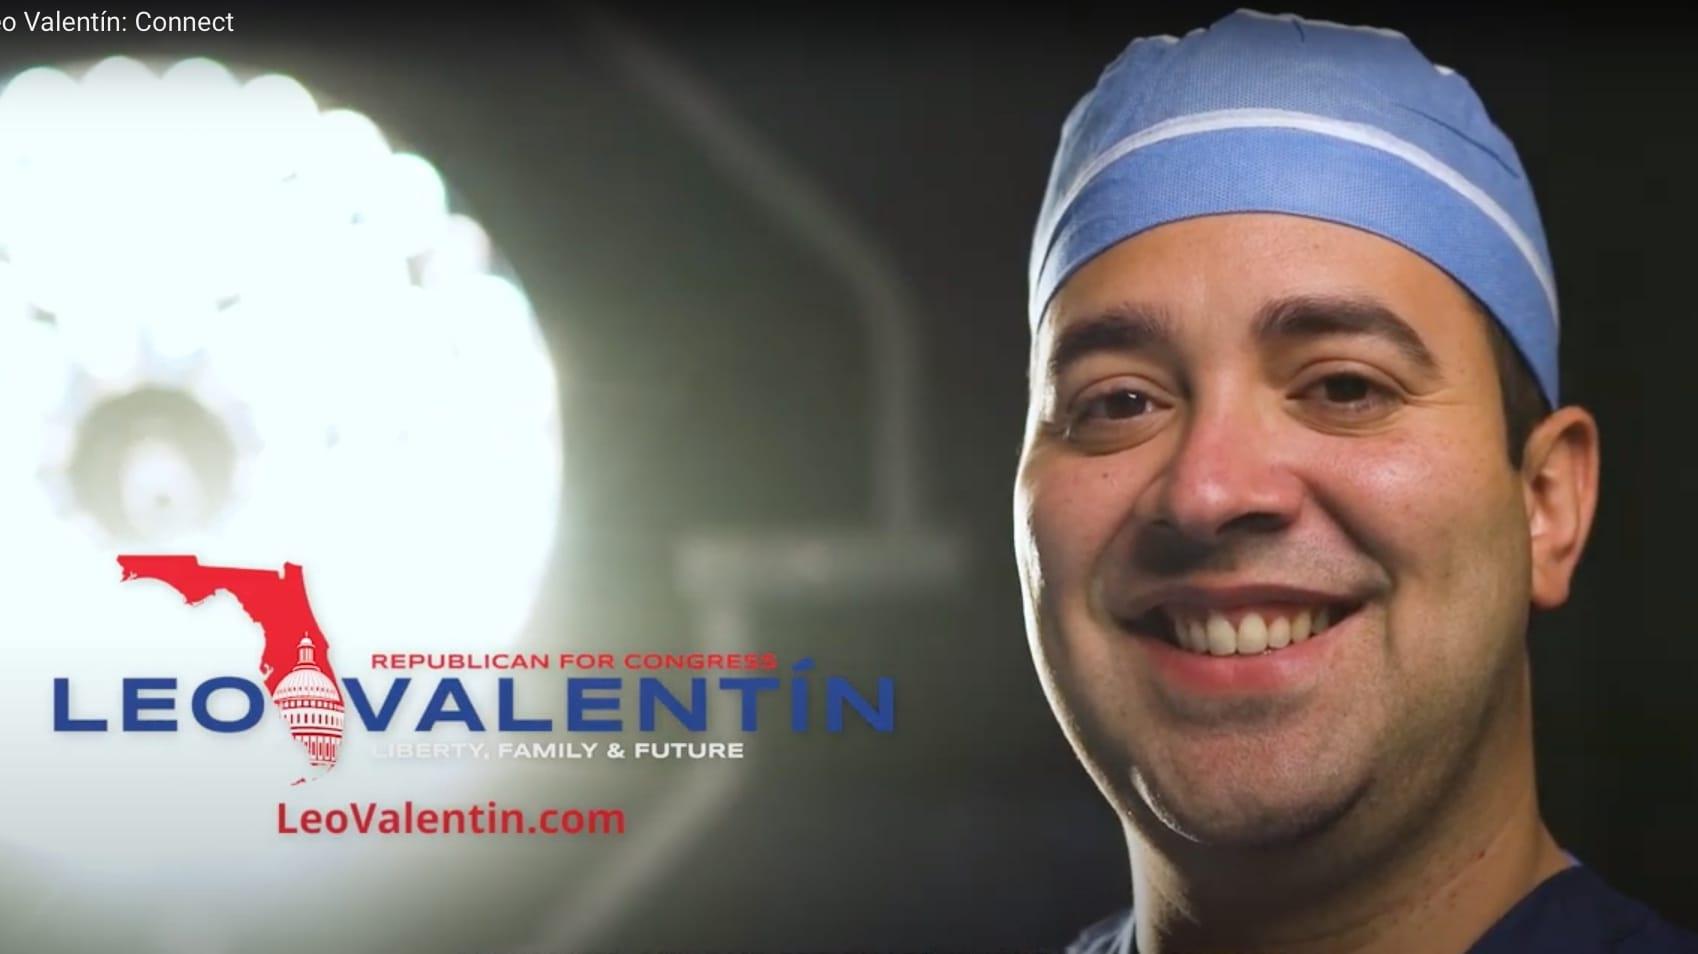 Leo-Valentin-ad-screen-shot.jpg